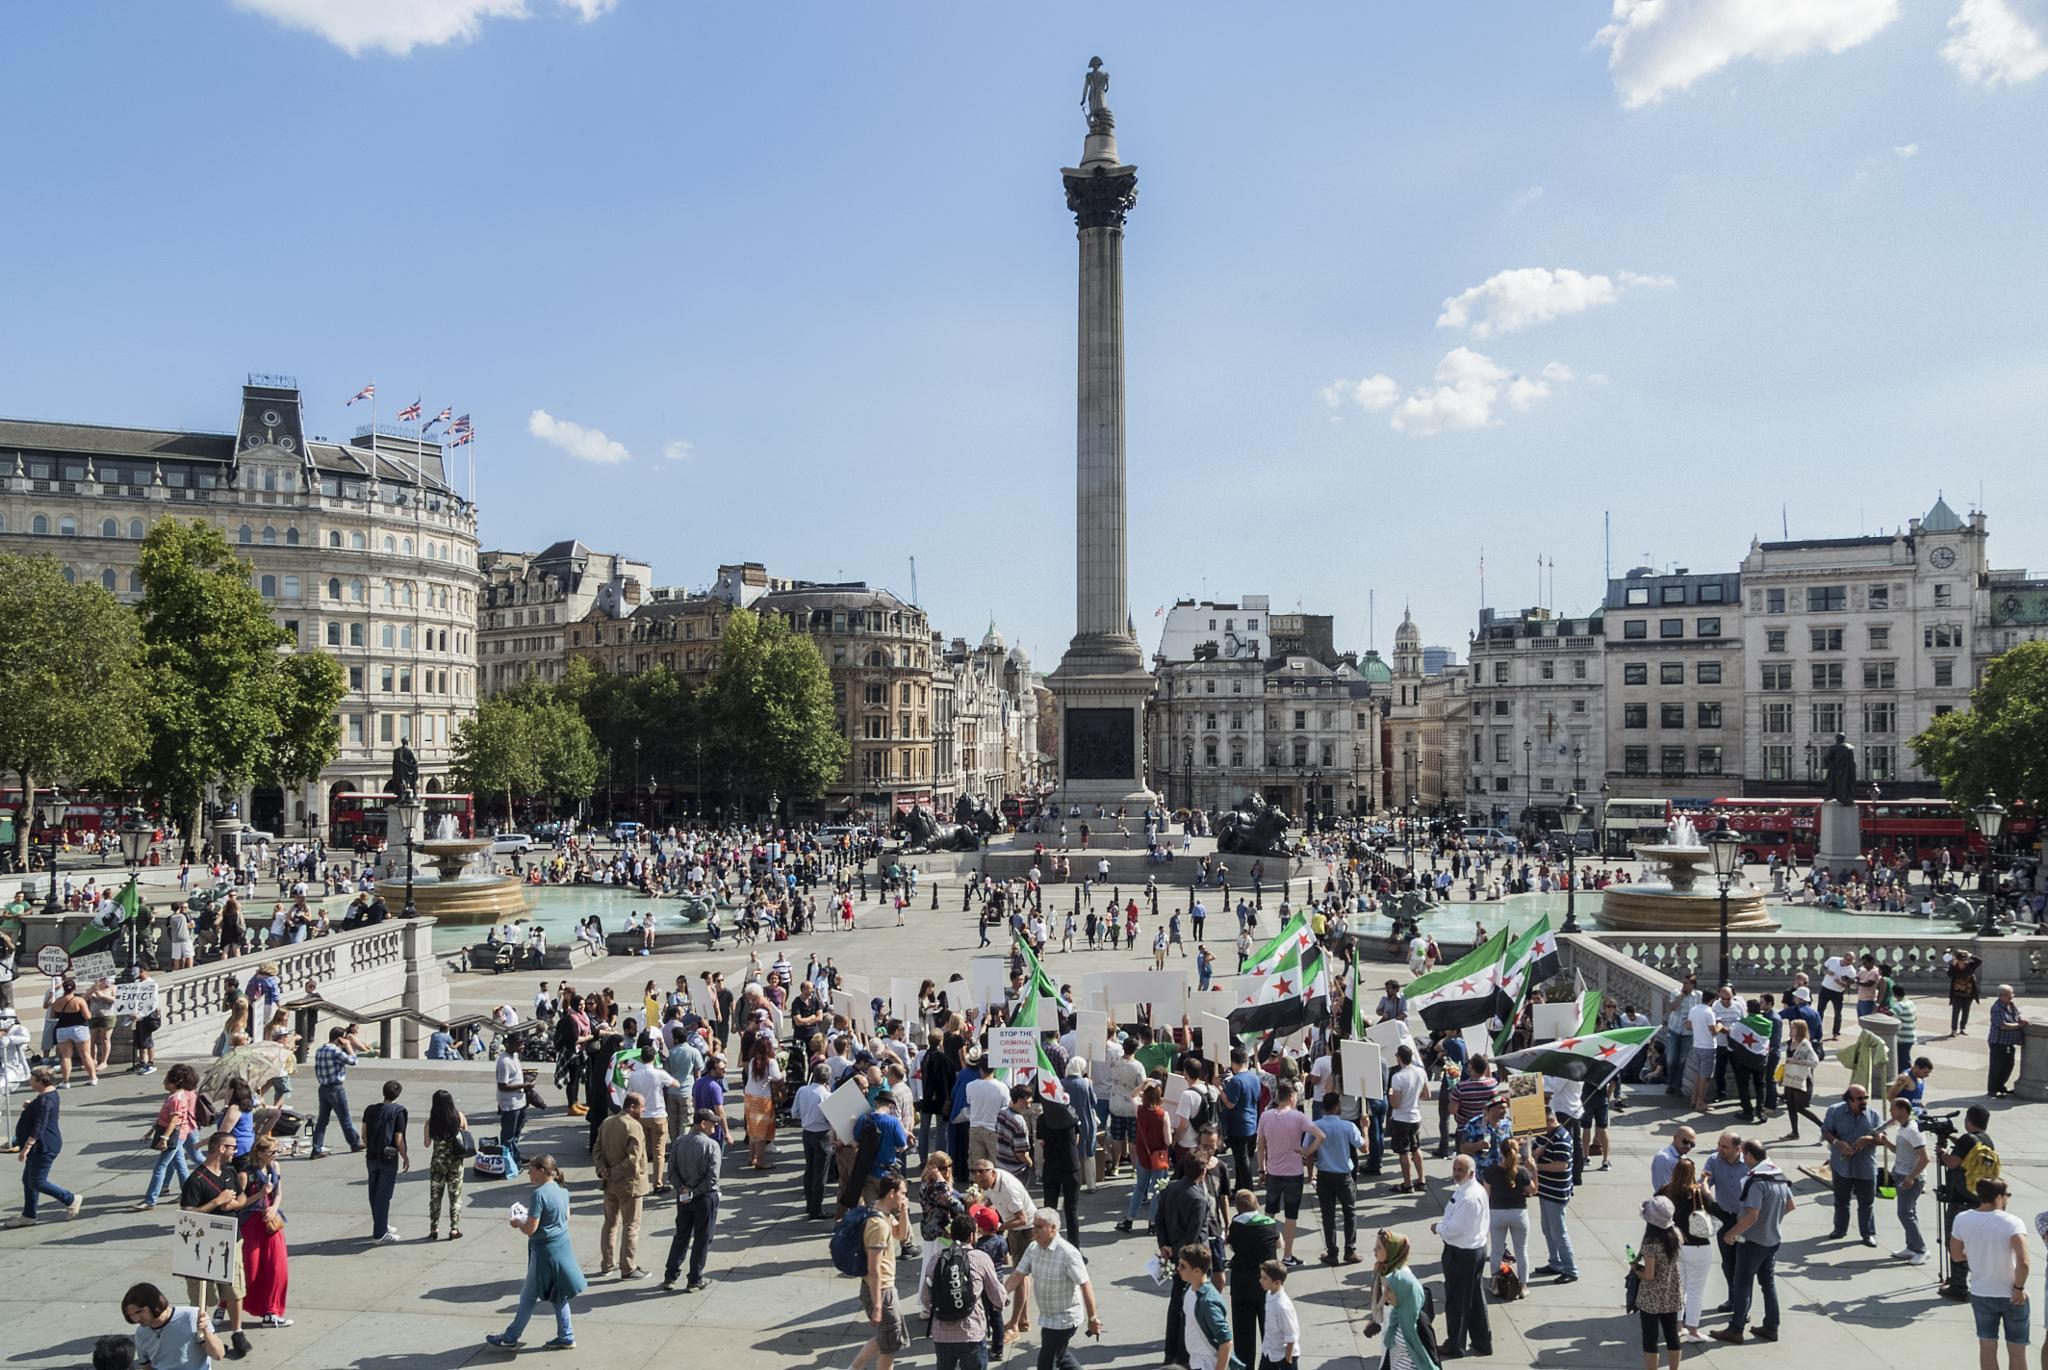 Trafalgar Square  by Jim Hellier